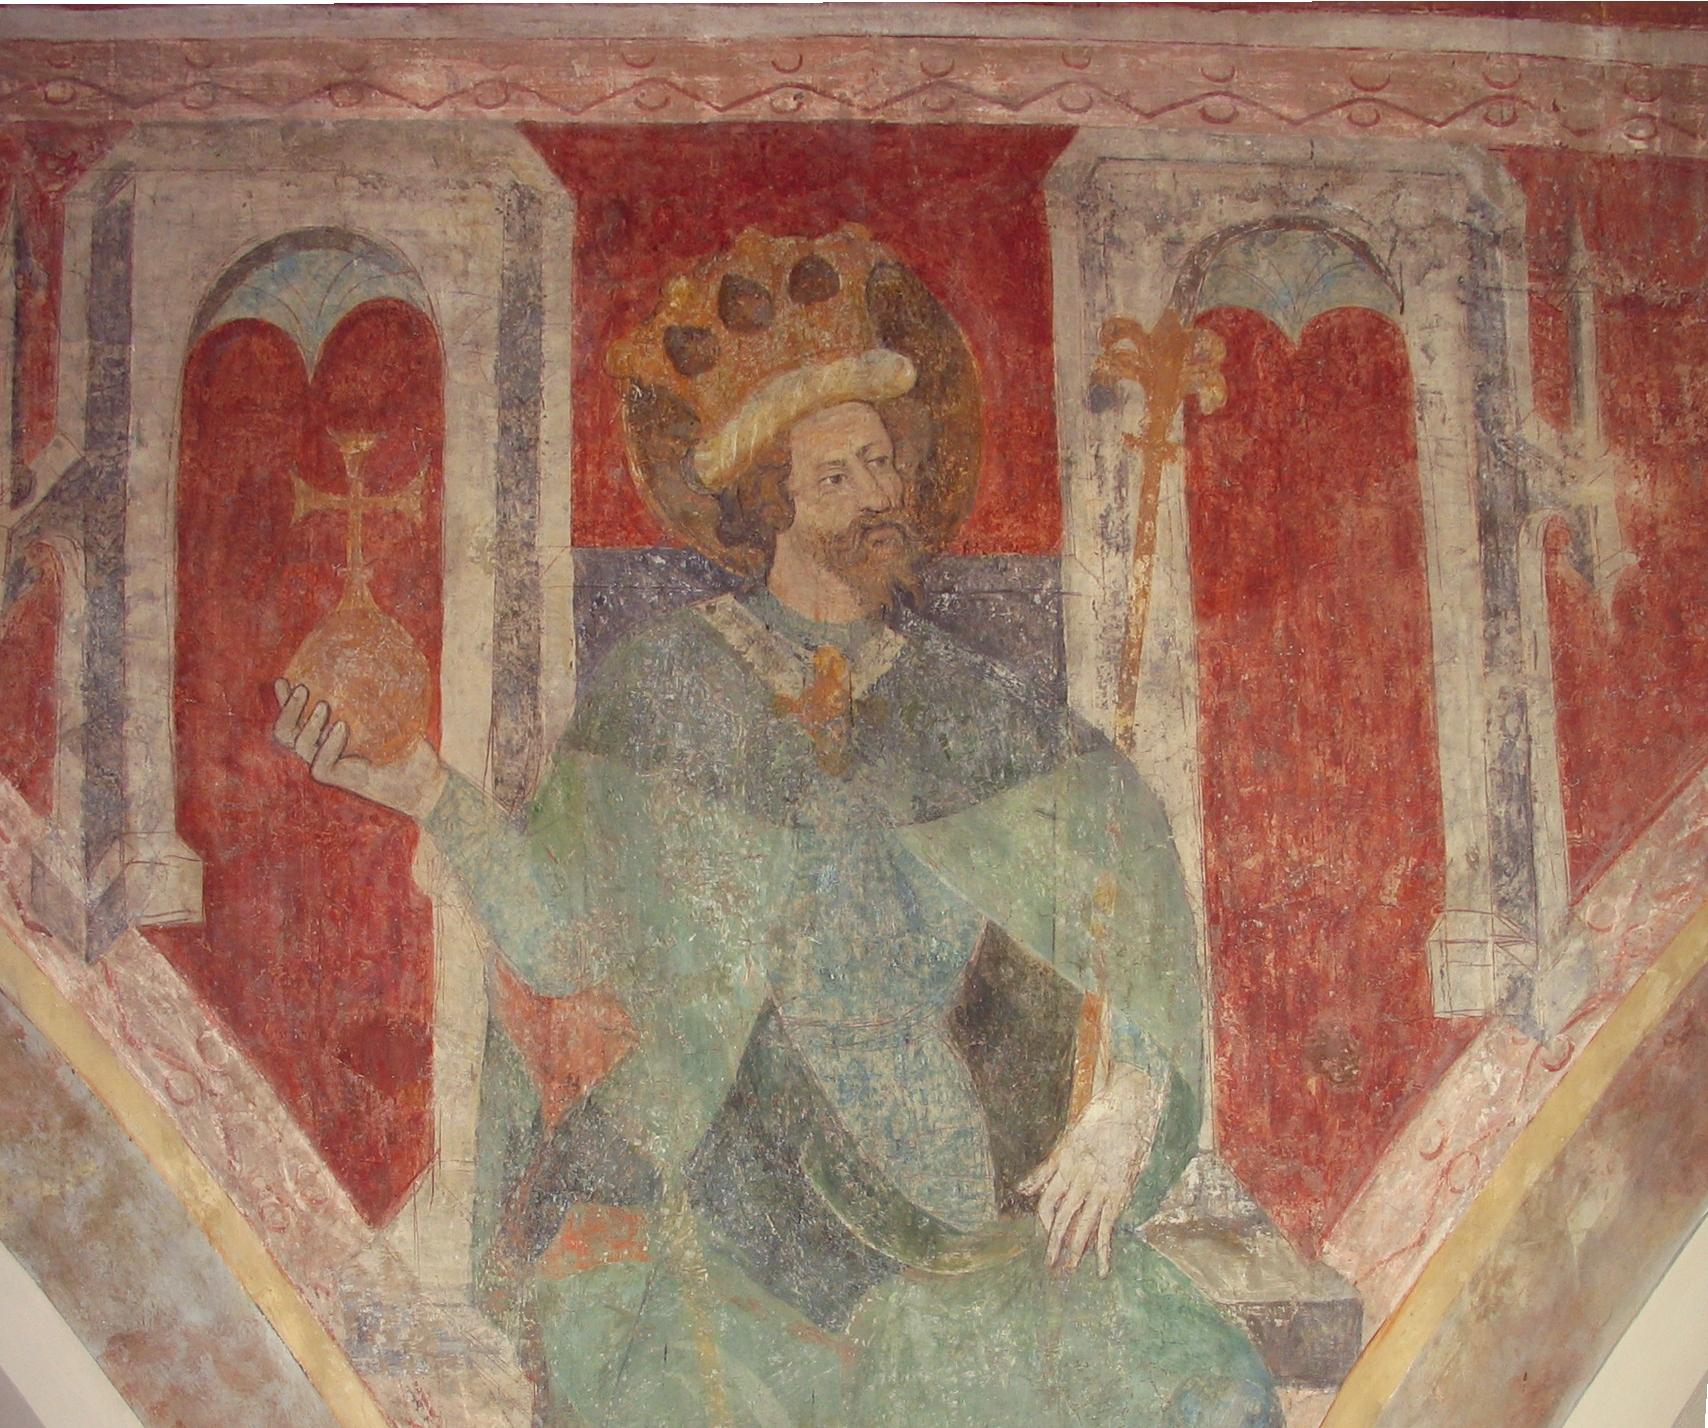 Darstellung König Sigismunds in der Dreifaltigkeitskirche Konstanz, 1417-37.